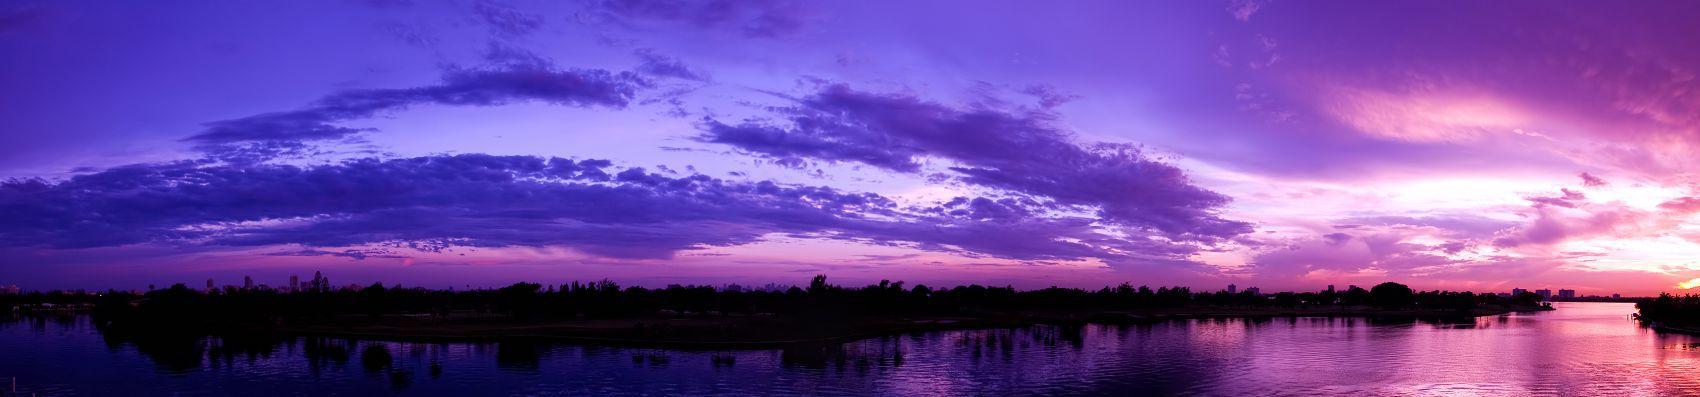 Малиновый закат